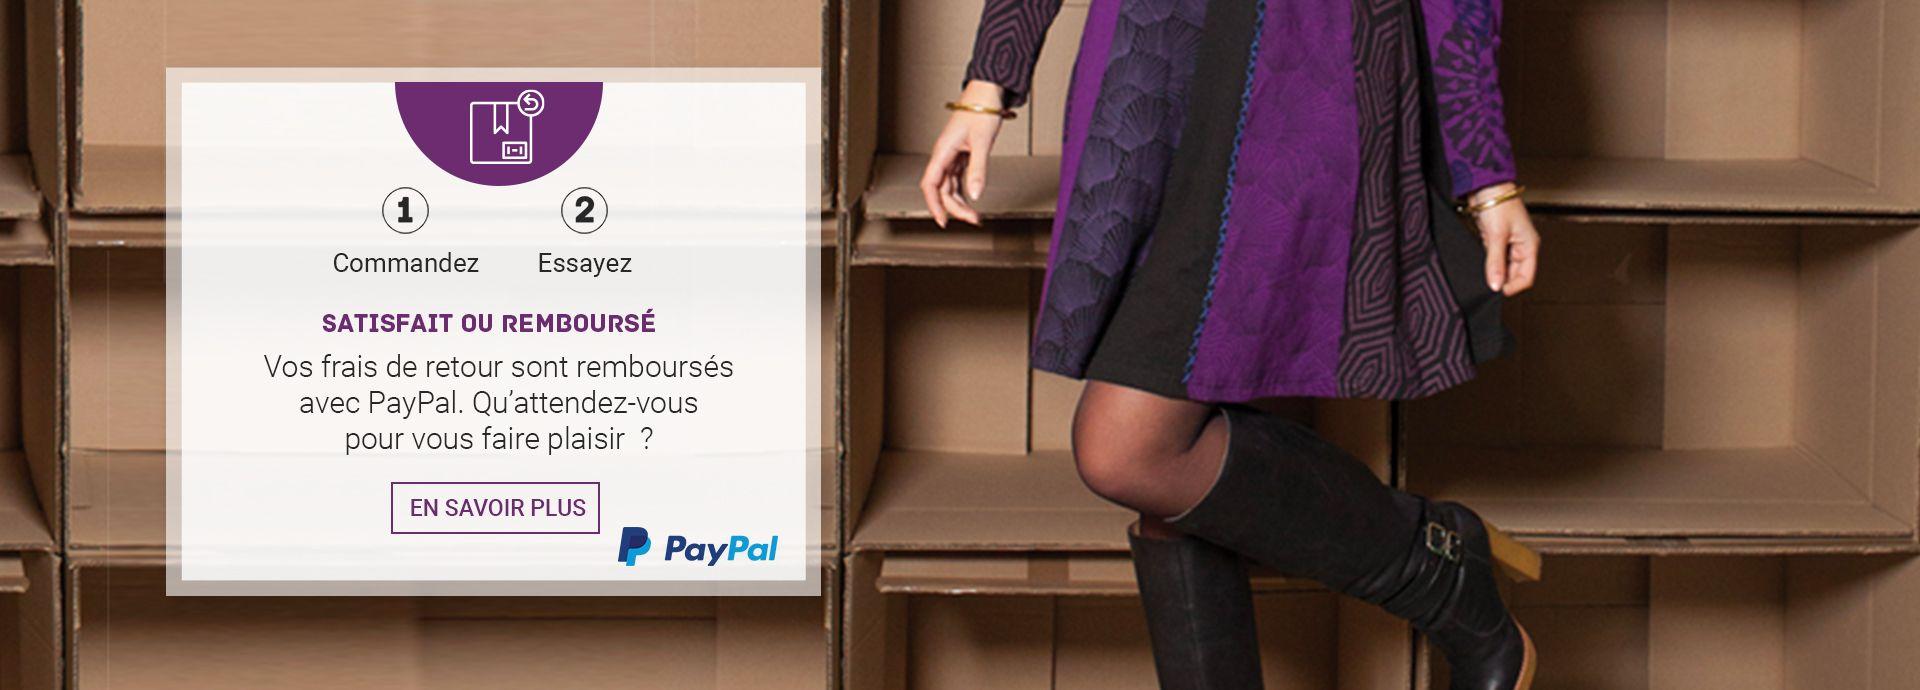 retour gratuit avec Paypal Akoustik